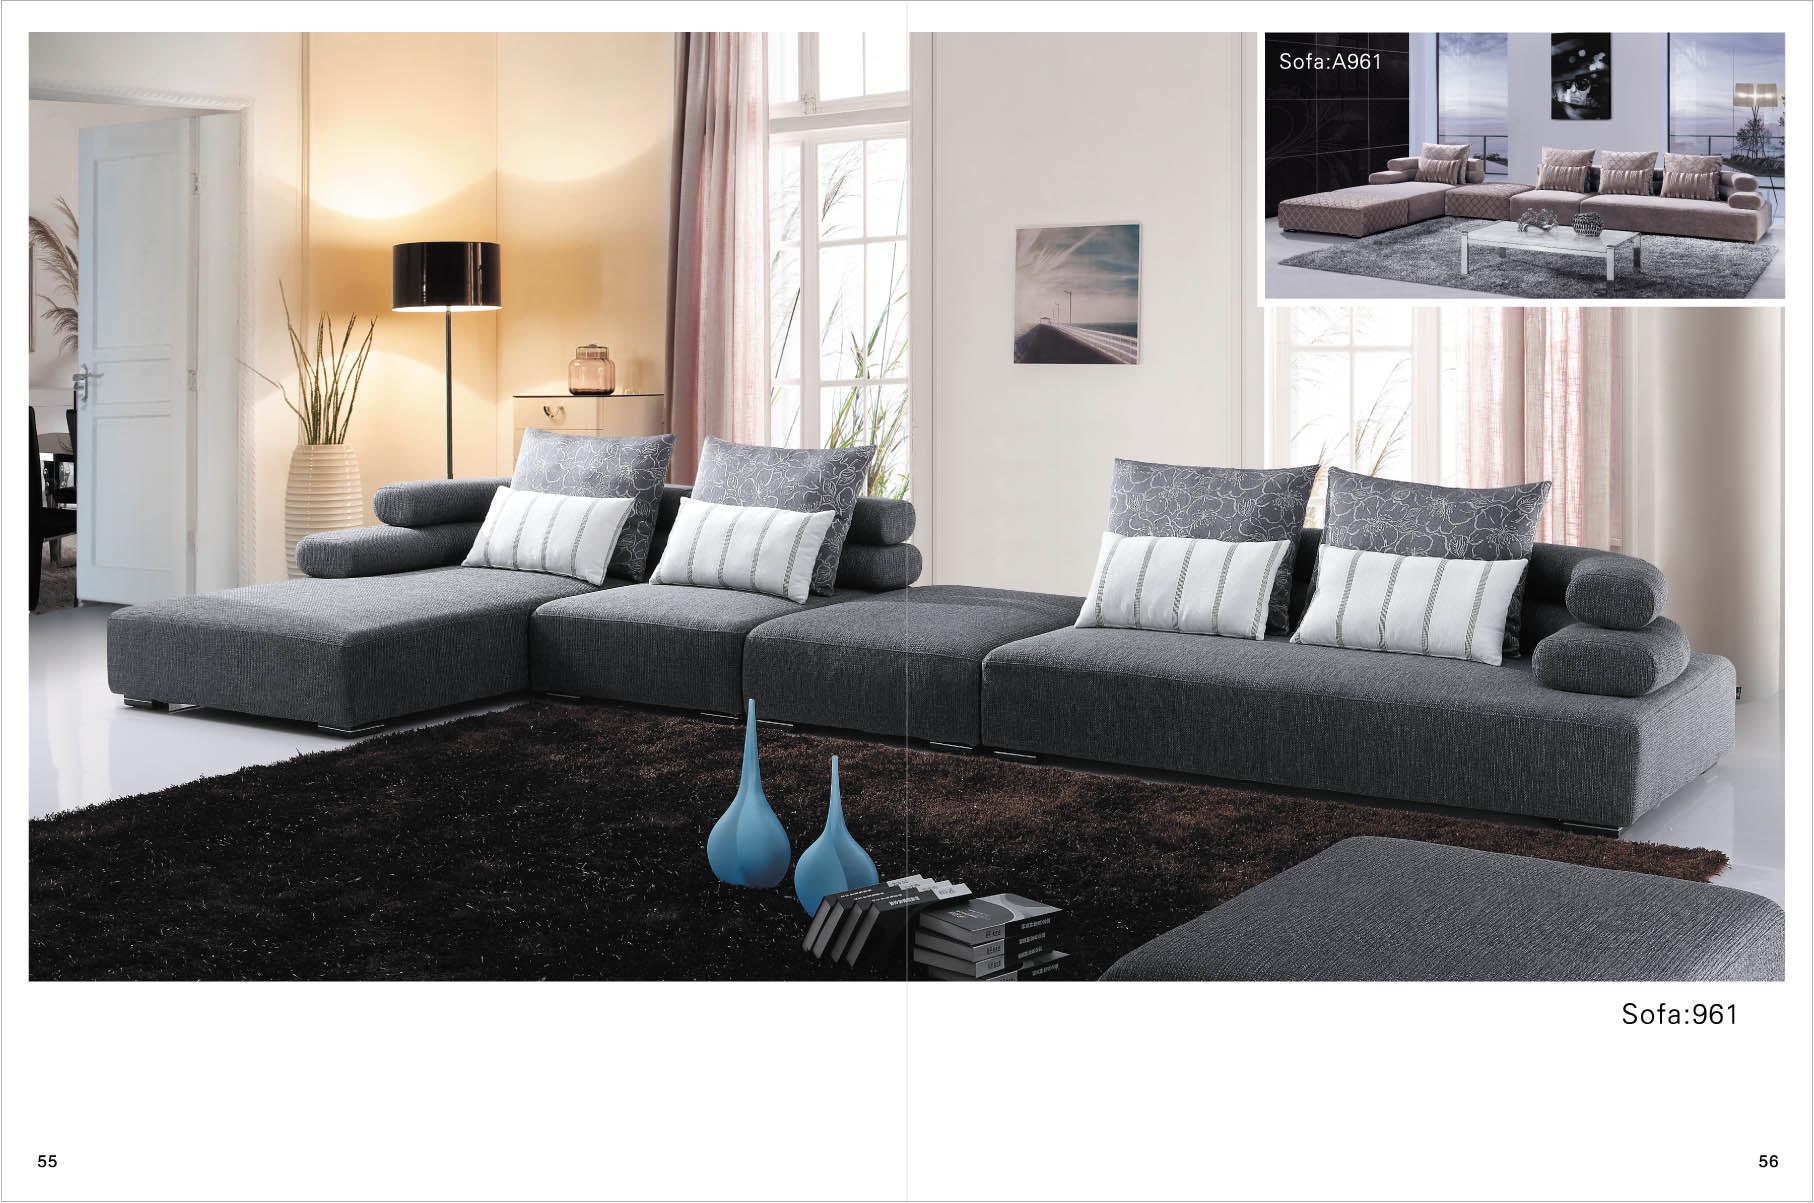 gegenseitige schreibhilfe formulierungen einzelner s tze forum. Black Bedroom Furniture Sets. Home Design Ideas